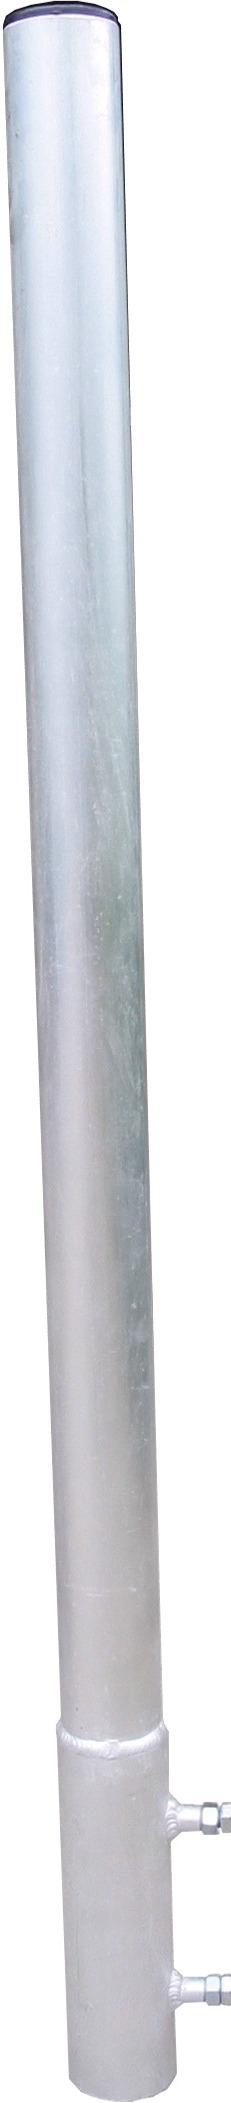 1 Stk SAT Mastverlängerung,Länge=1000mm,Durchmesser=50mm,Aluminium HSATMM10A-